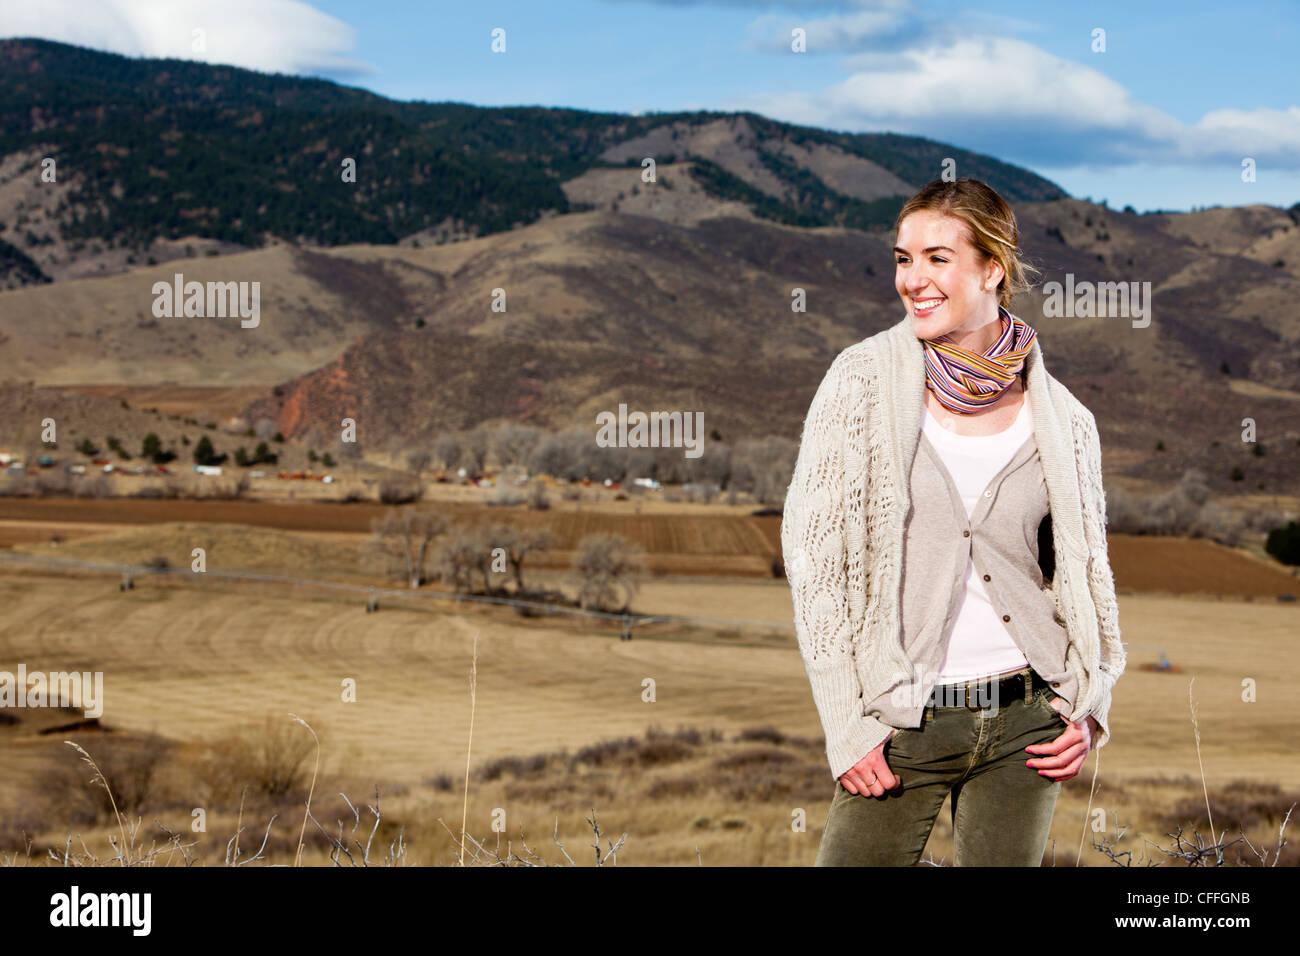 Eine junge Frau posiert in geschichteten Outdoorbekleidung in Fort Collins, Colorado. Stockbild